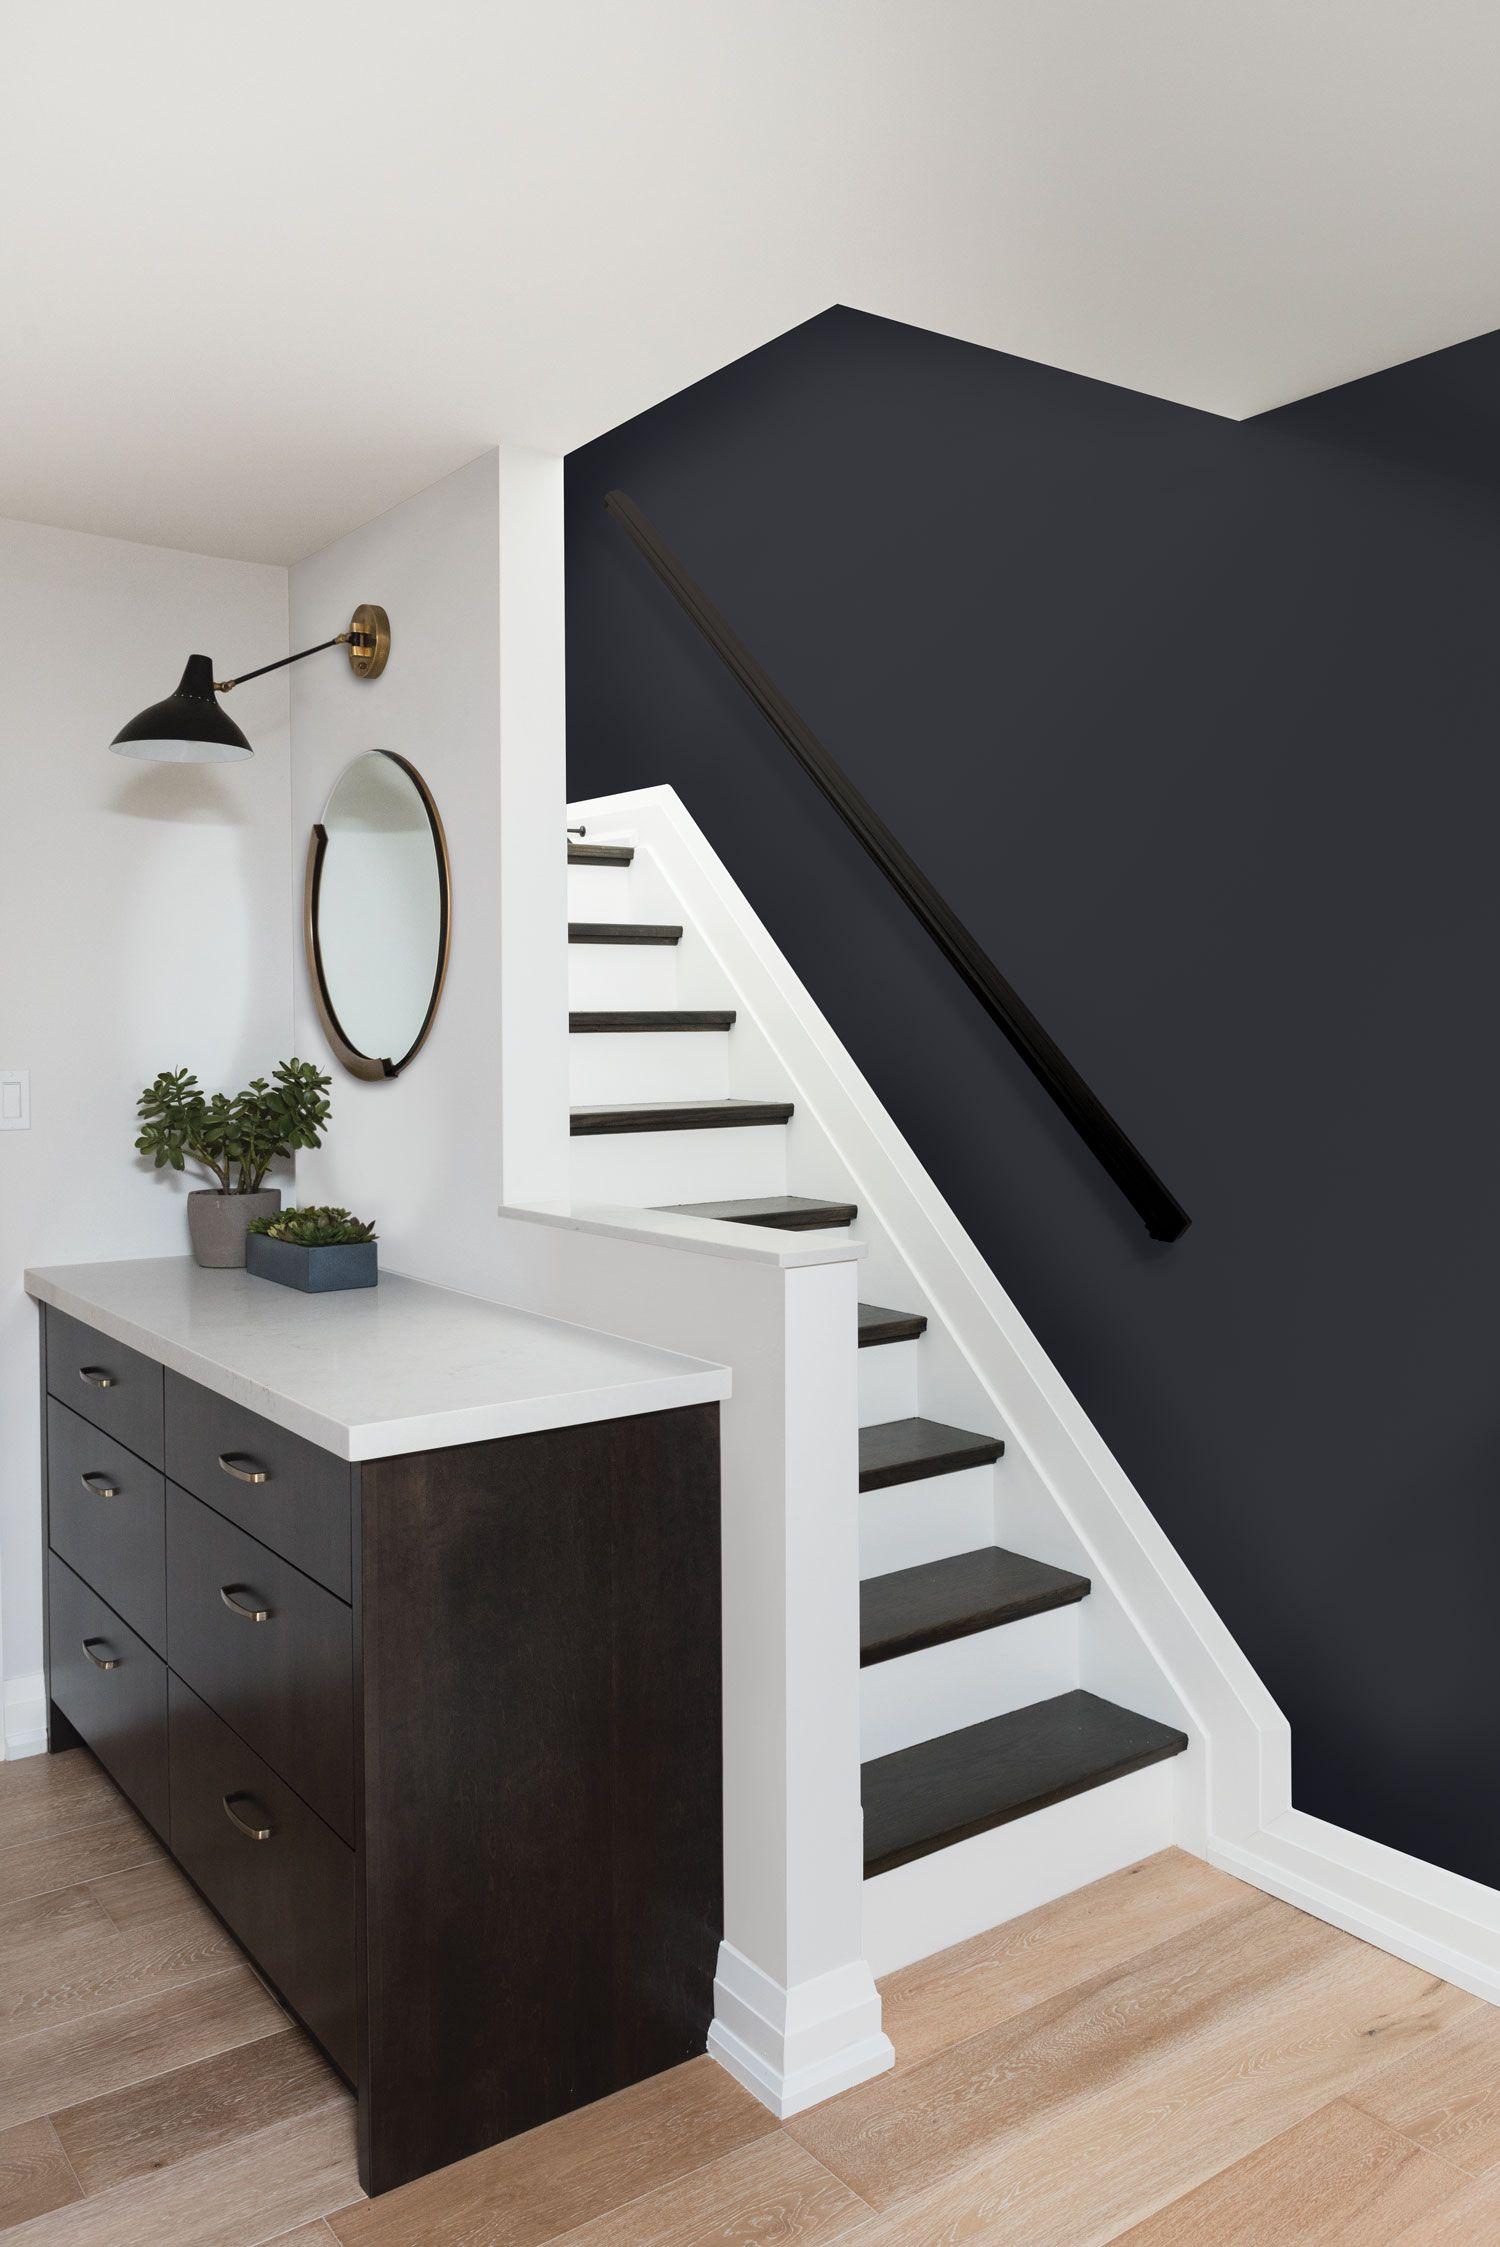 Peinture Escalier Noir Mat Épinglé sur intérieur